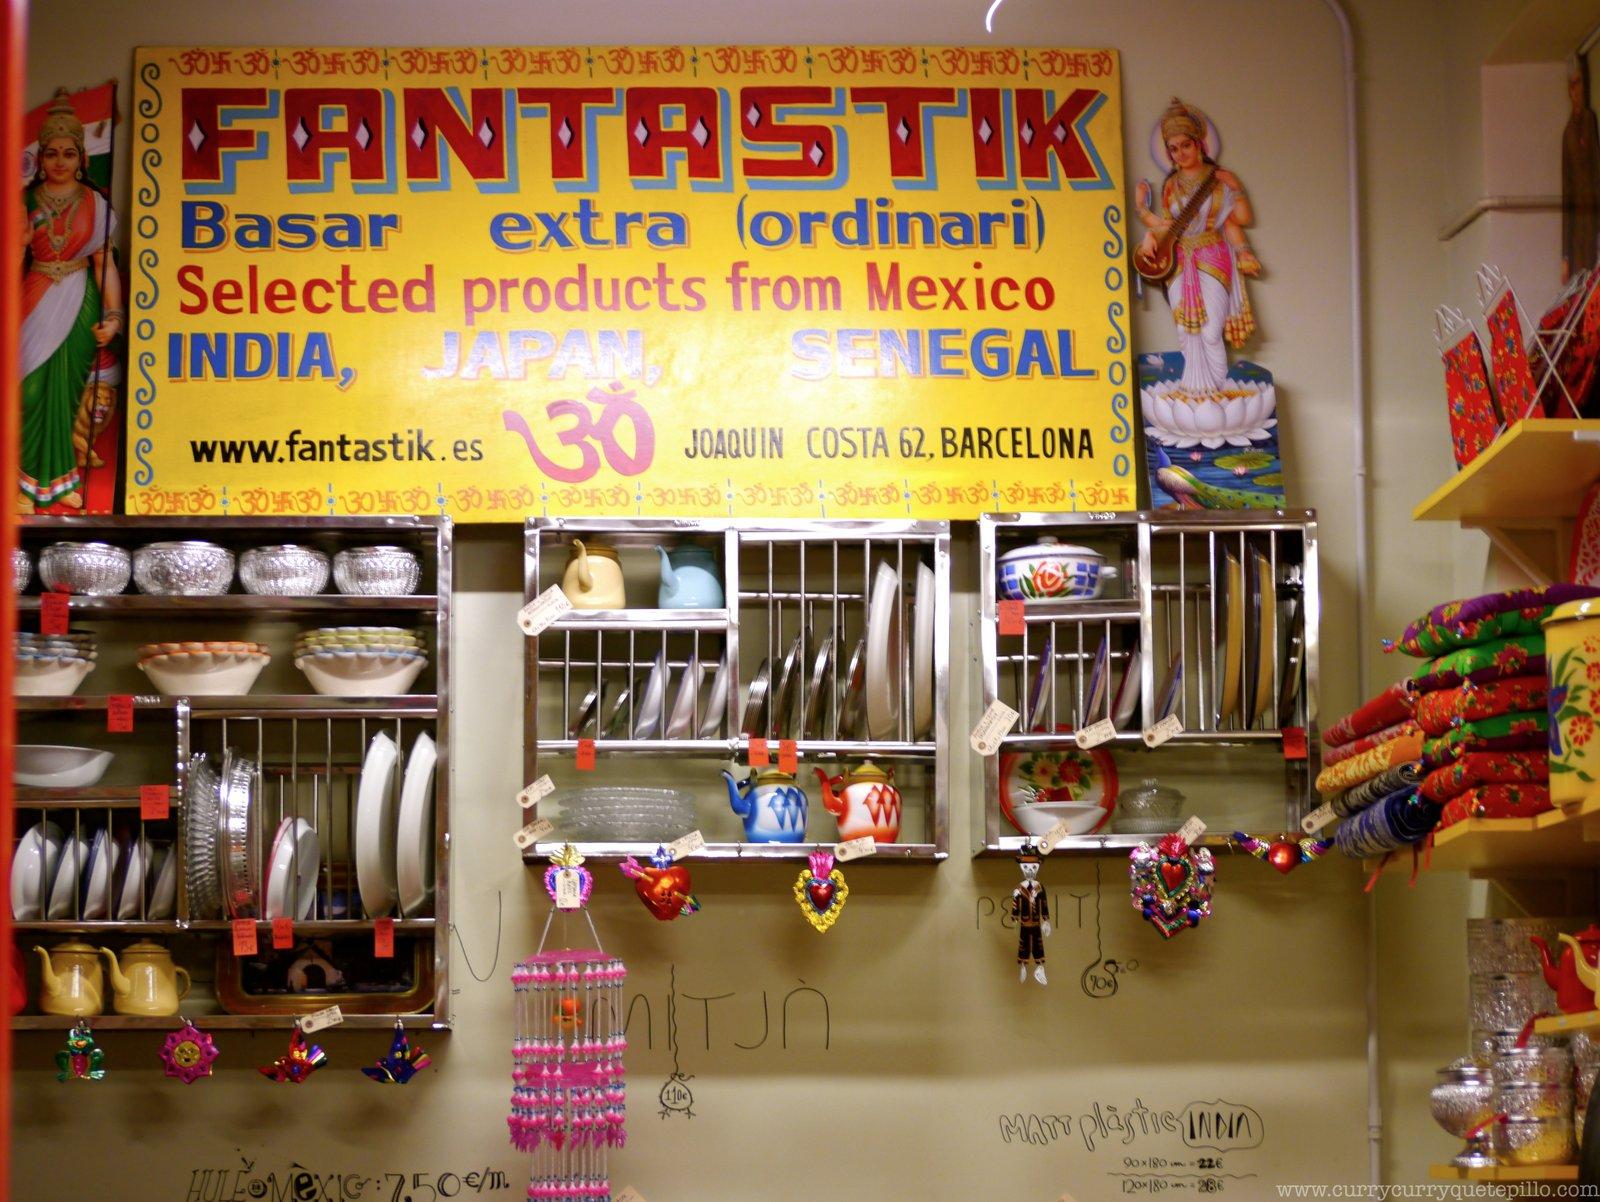 Fantastik, una tienda fantástica en Barcelona - Currycurryquetepillo